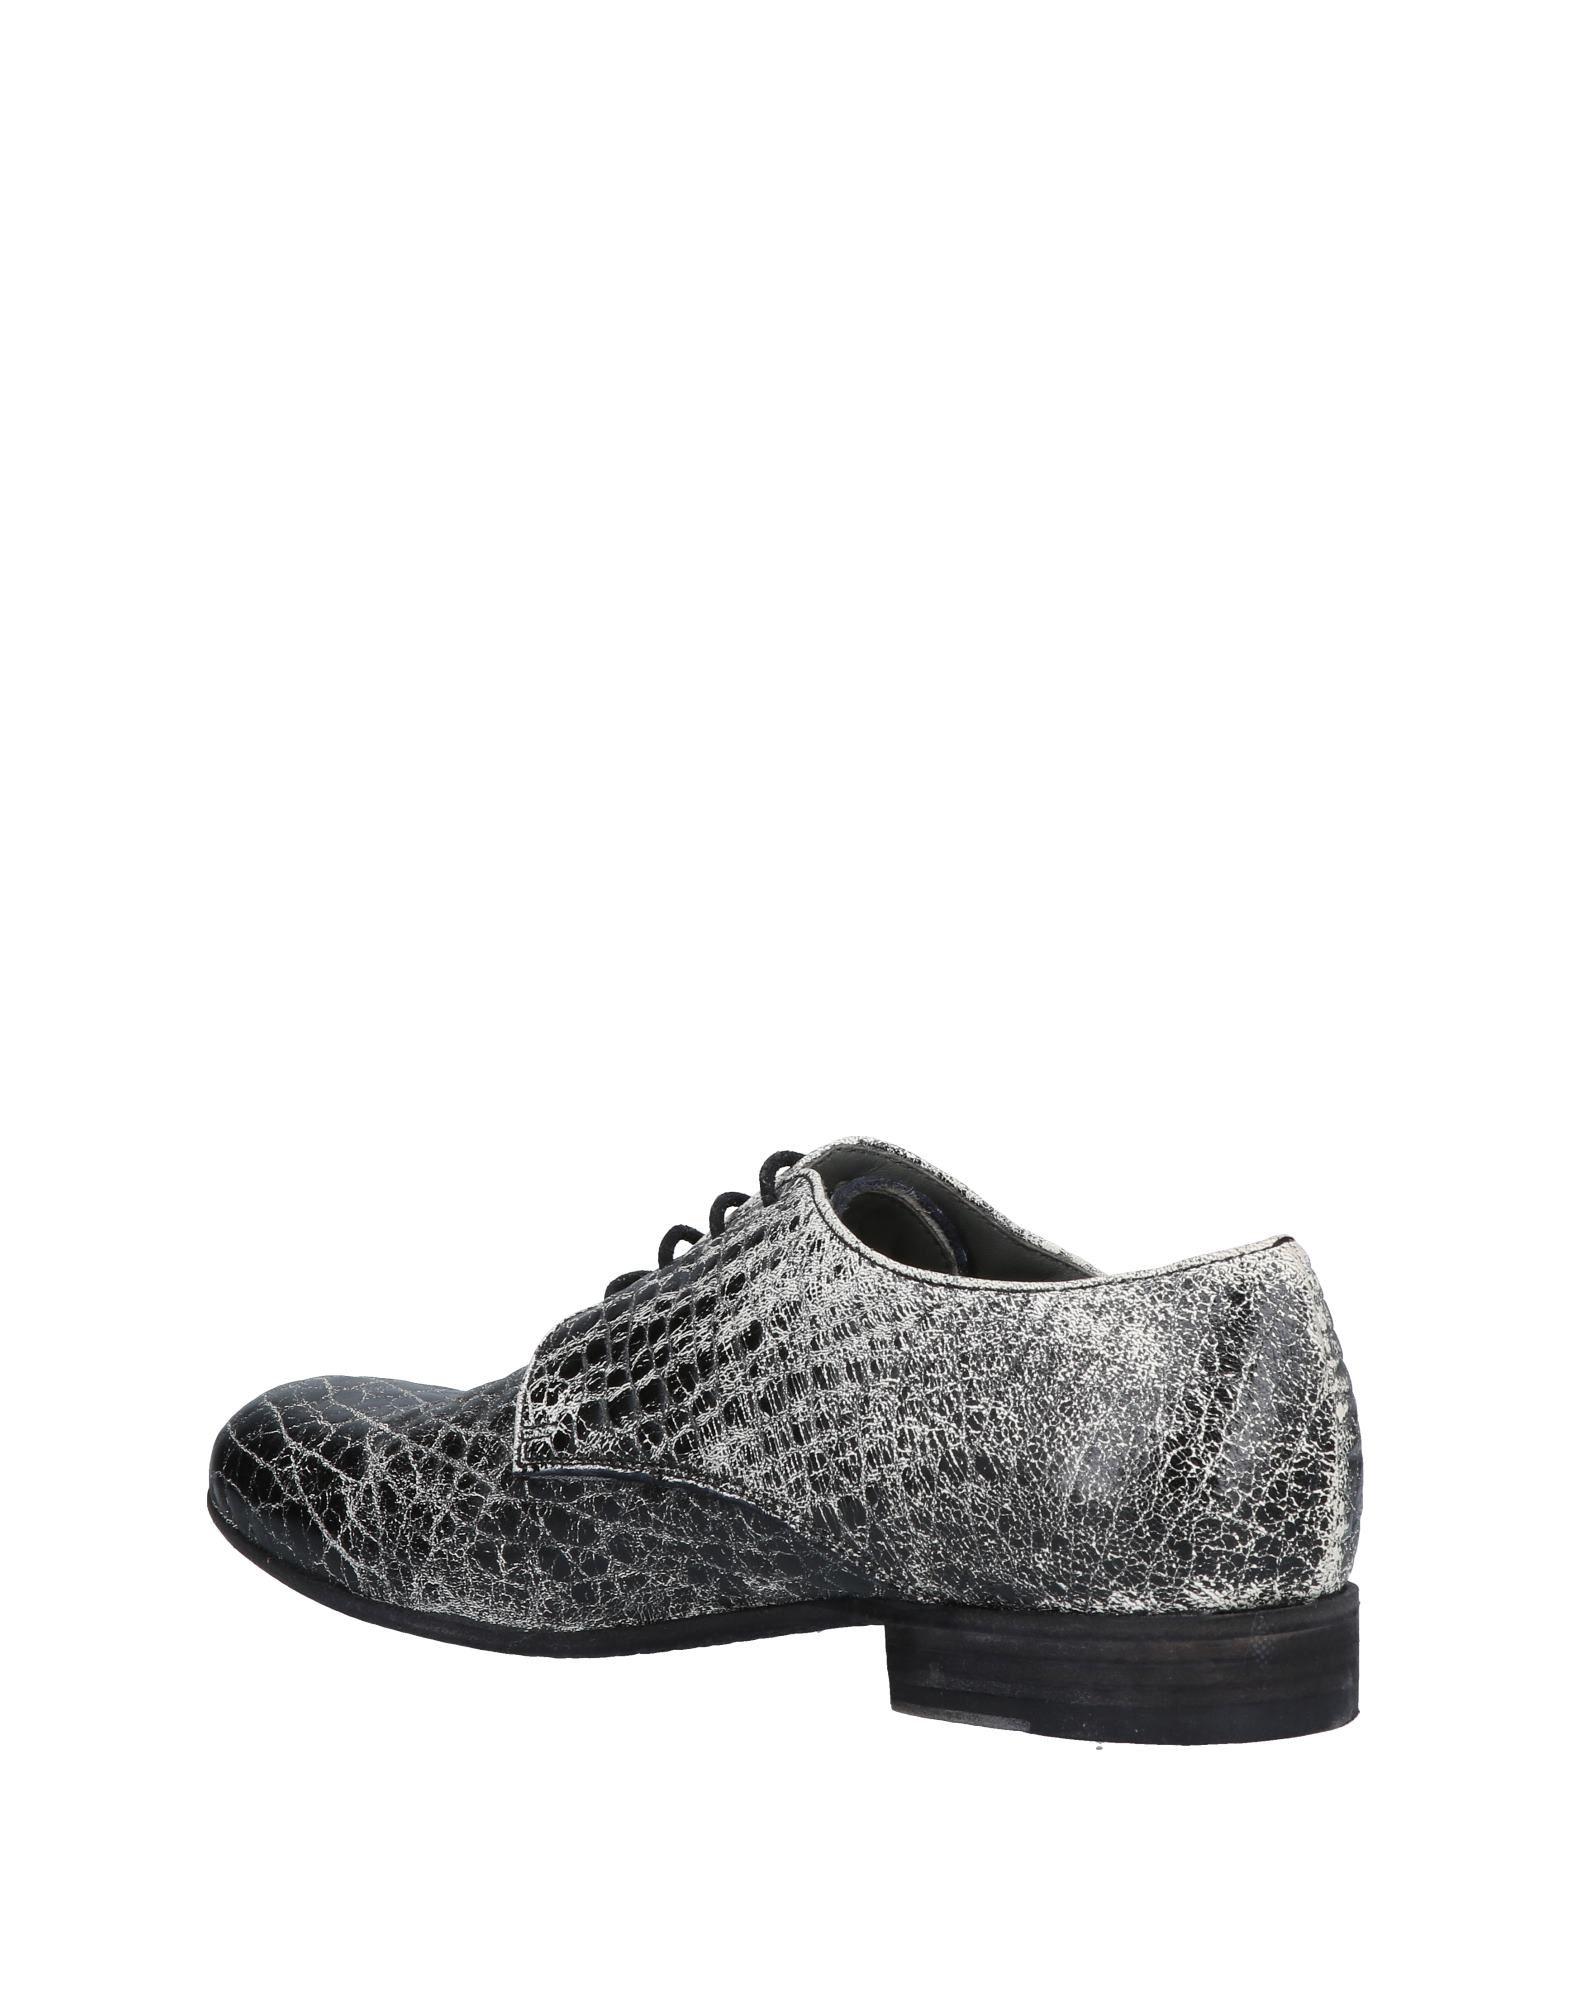 Giorgio Brato Schnürschuhe Herren  11461503SU Gute Qualität beliebte Schuhe